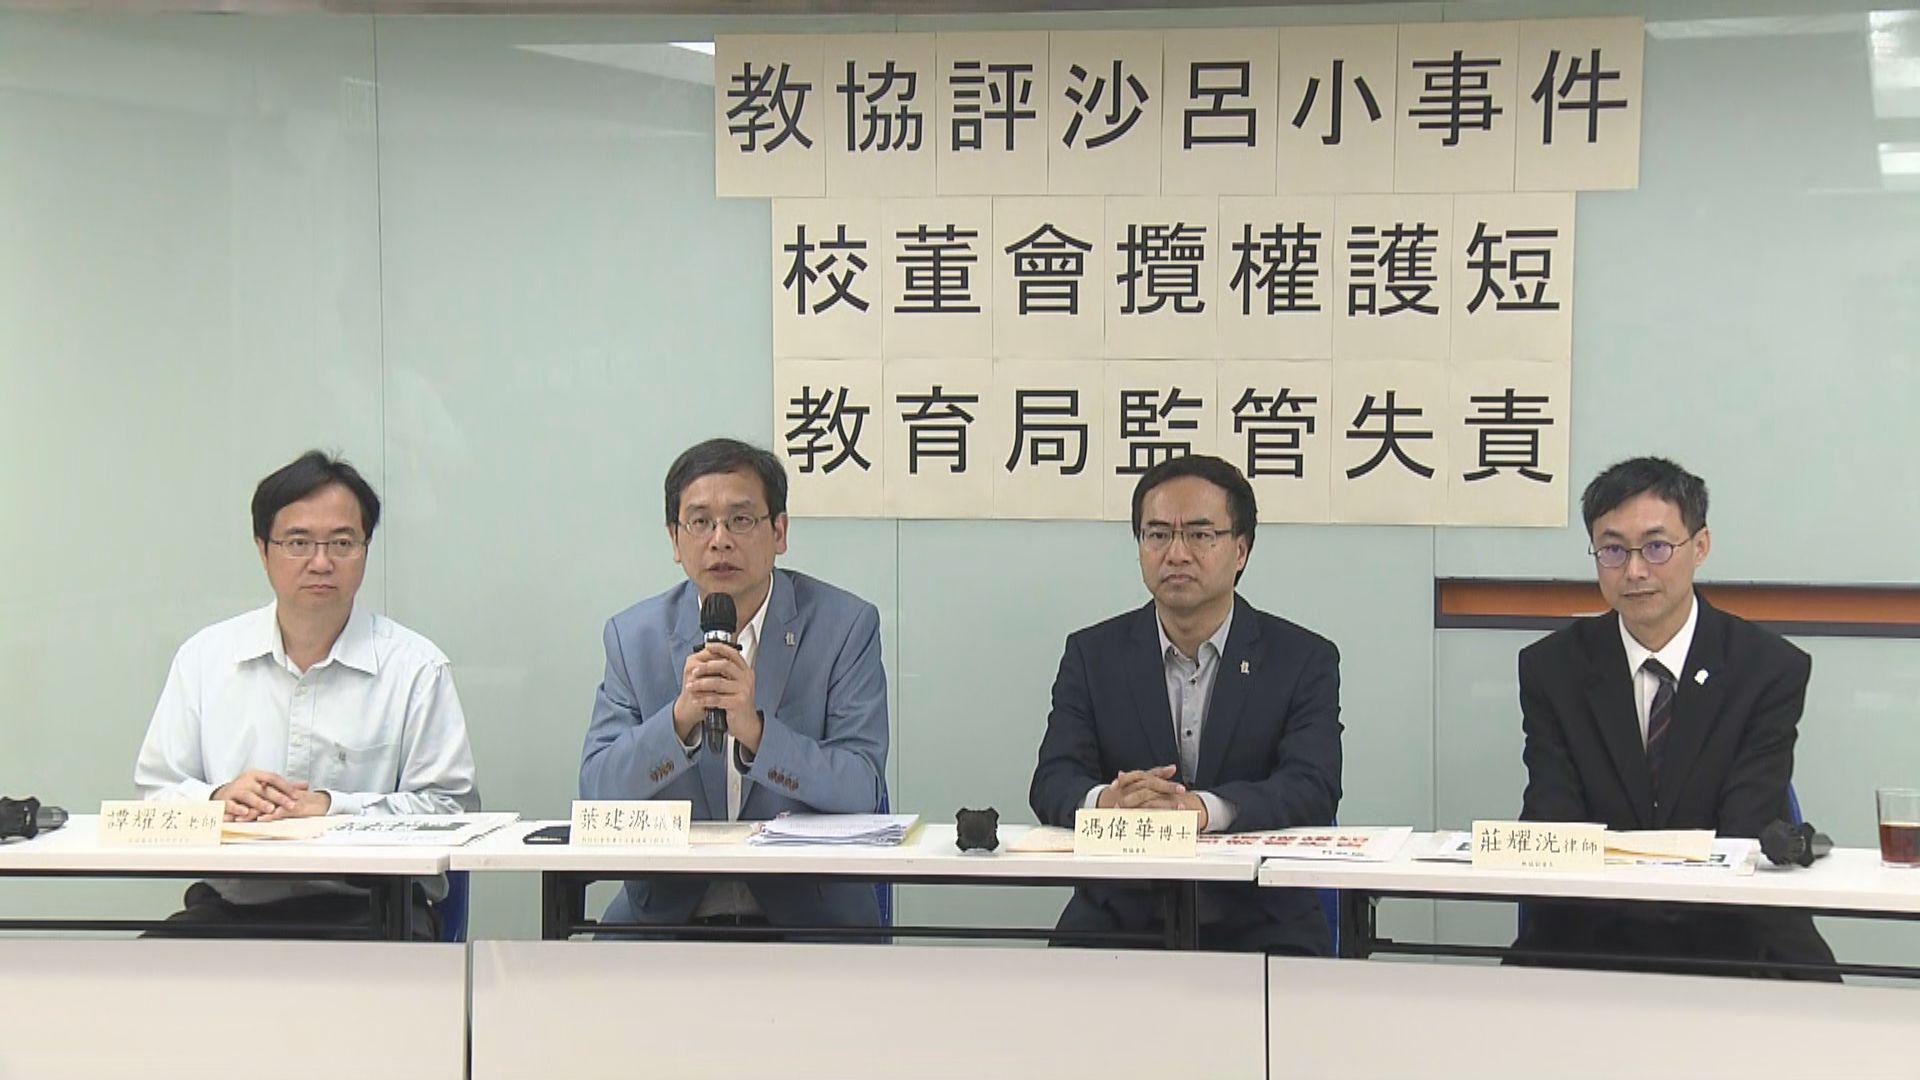 教協:沙呂小校董會曾譴責作出投訴的老師